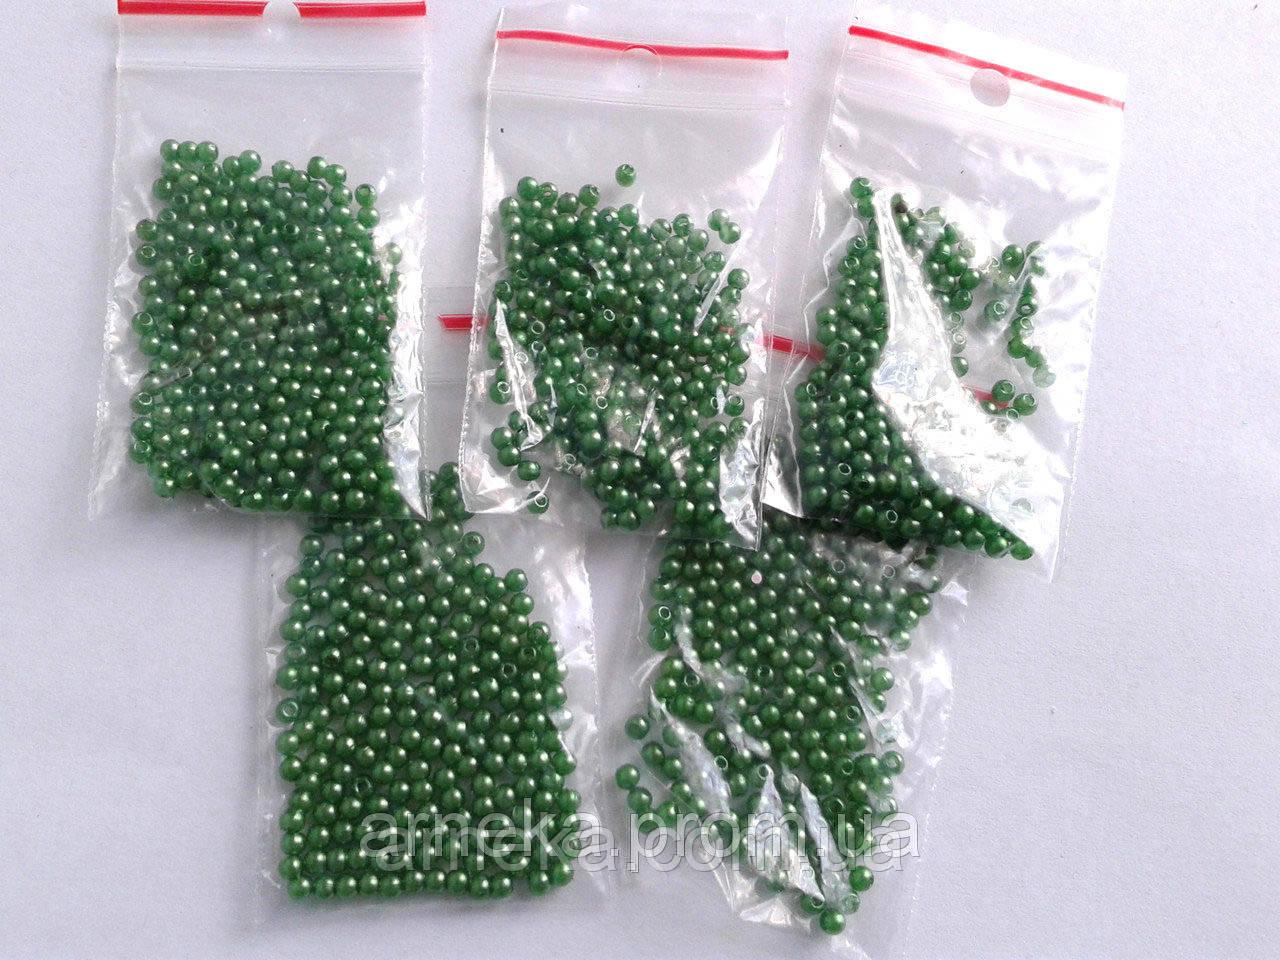 Бусина 0,3 см. 200 шт. Зеленые